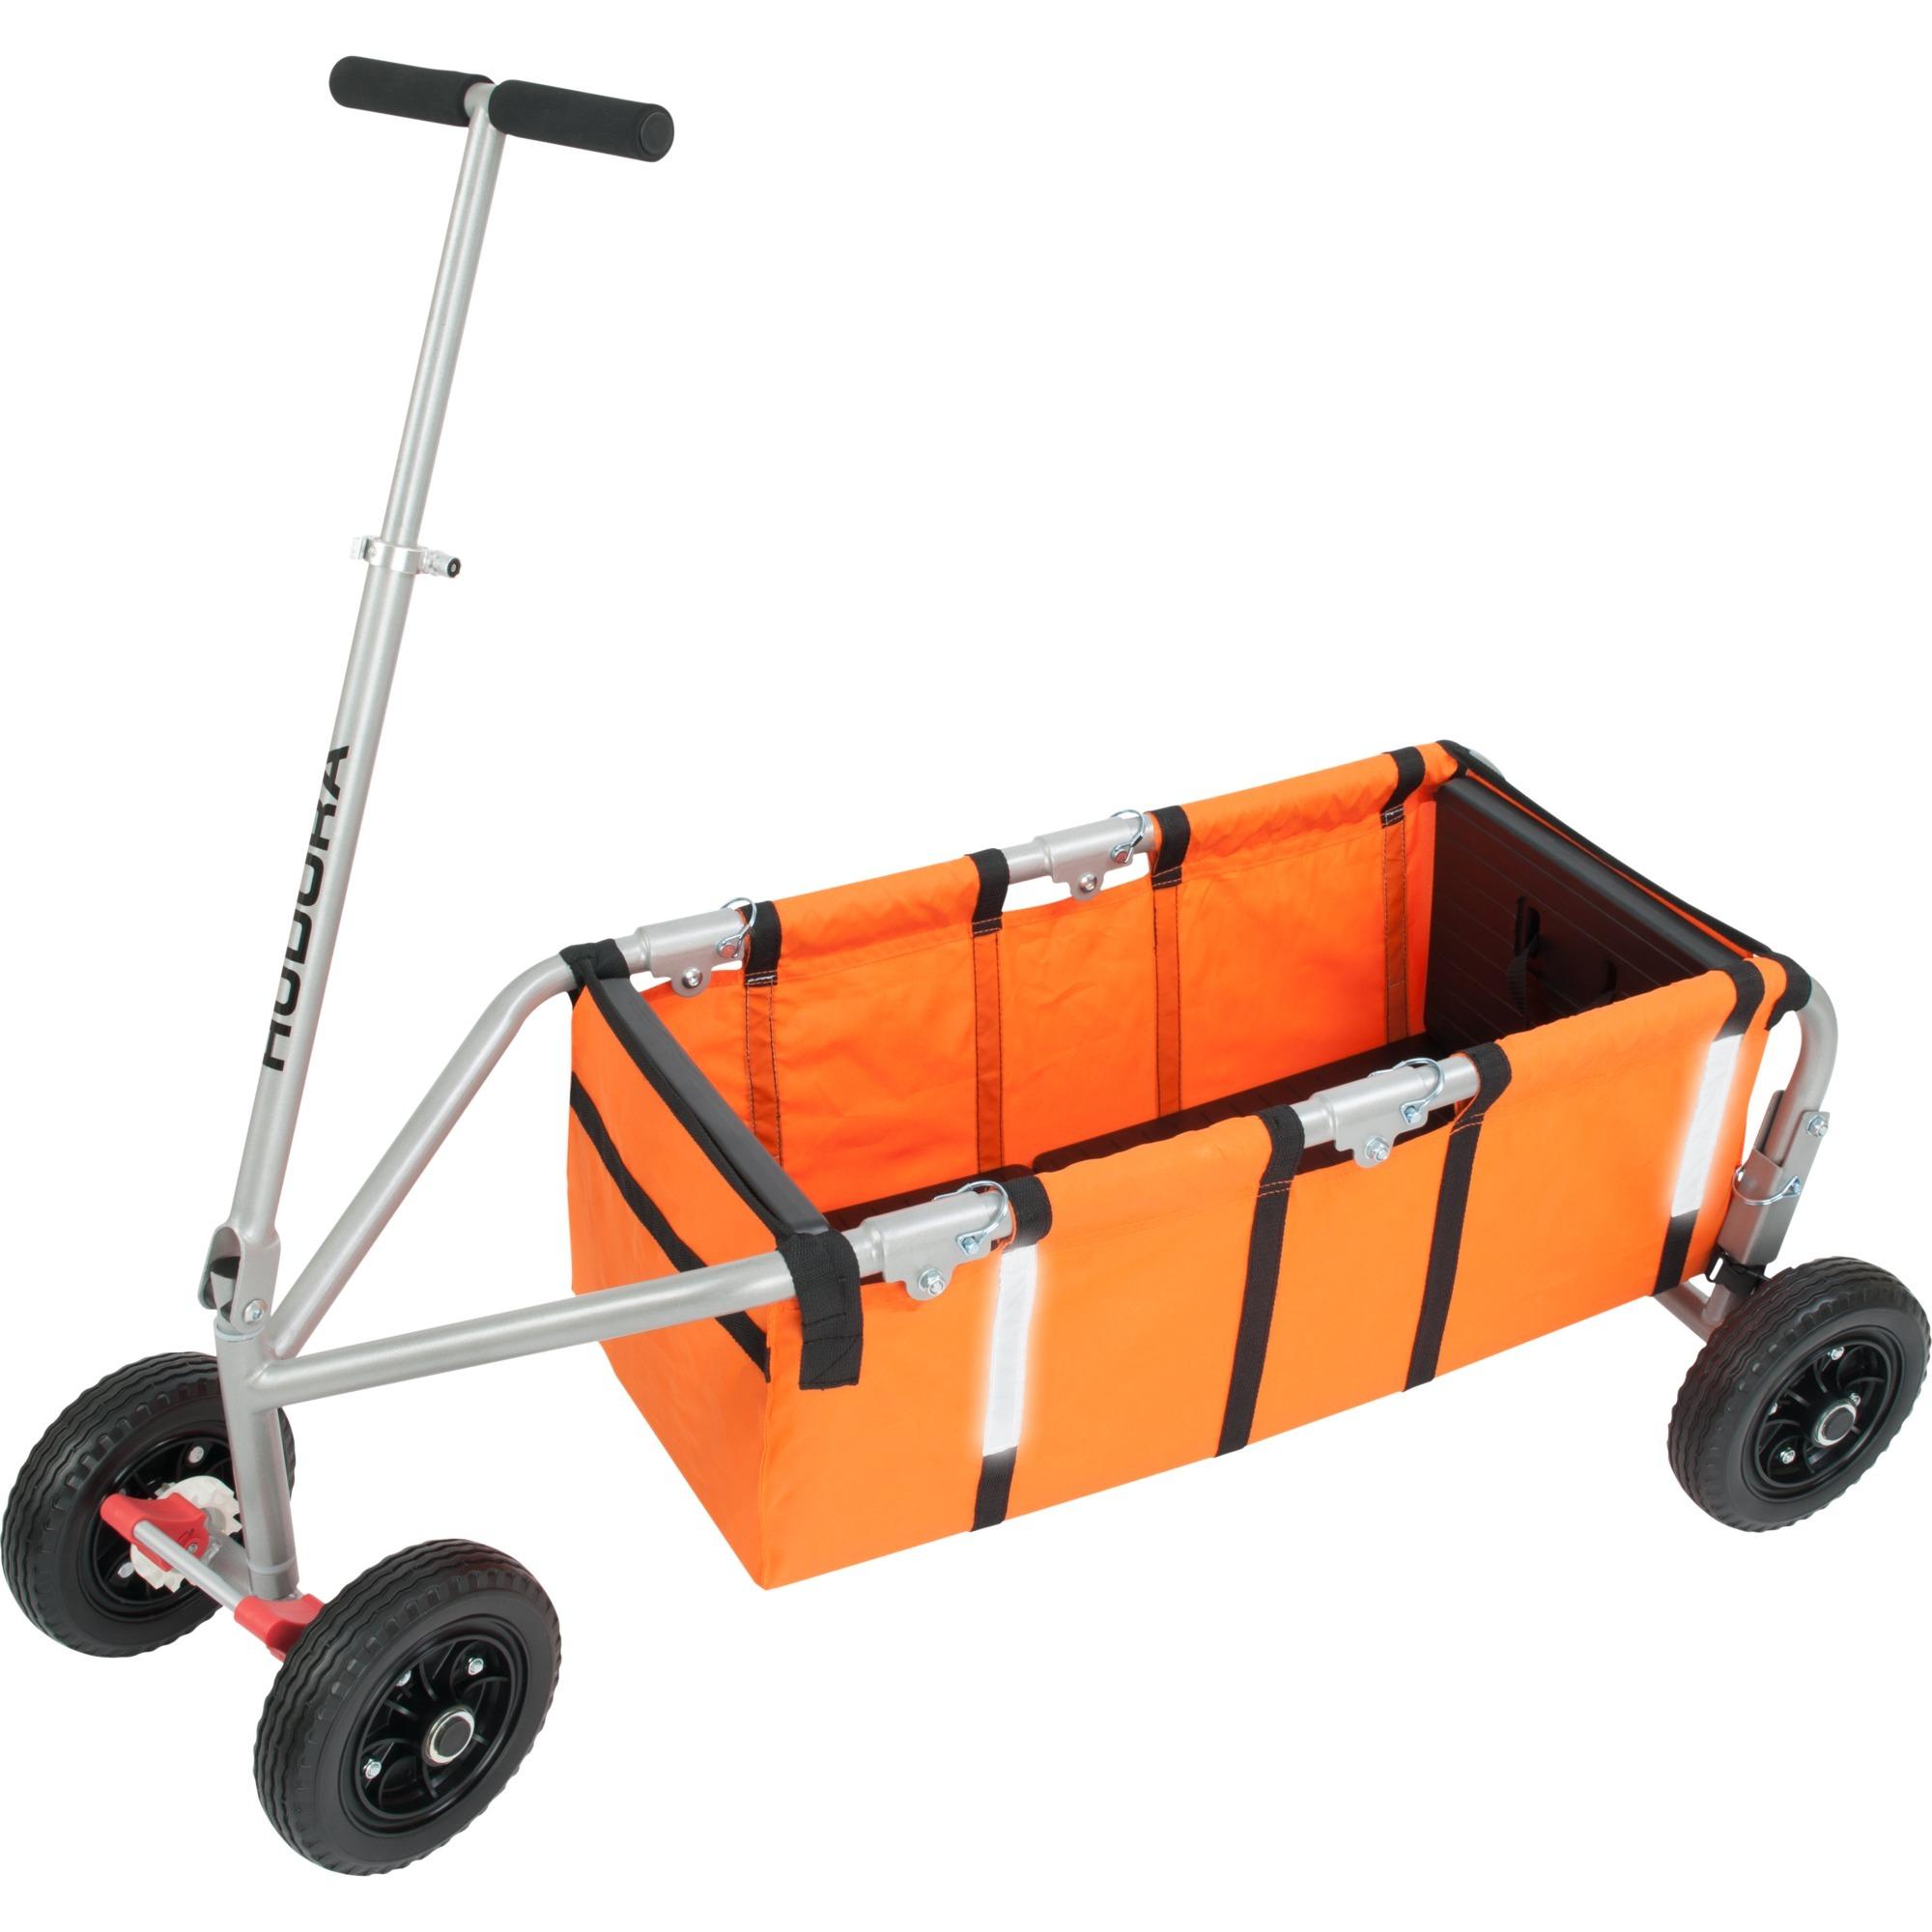 10329 Naranja, Negro, Plata carretilla de mano, Carro de mano